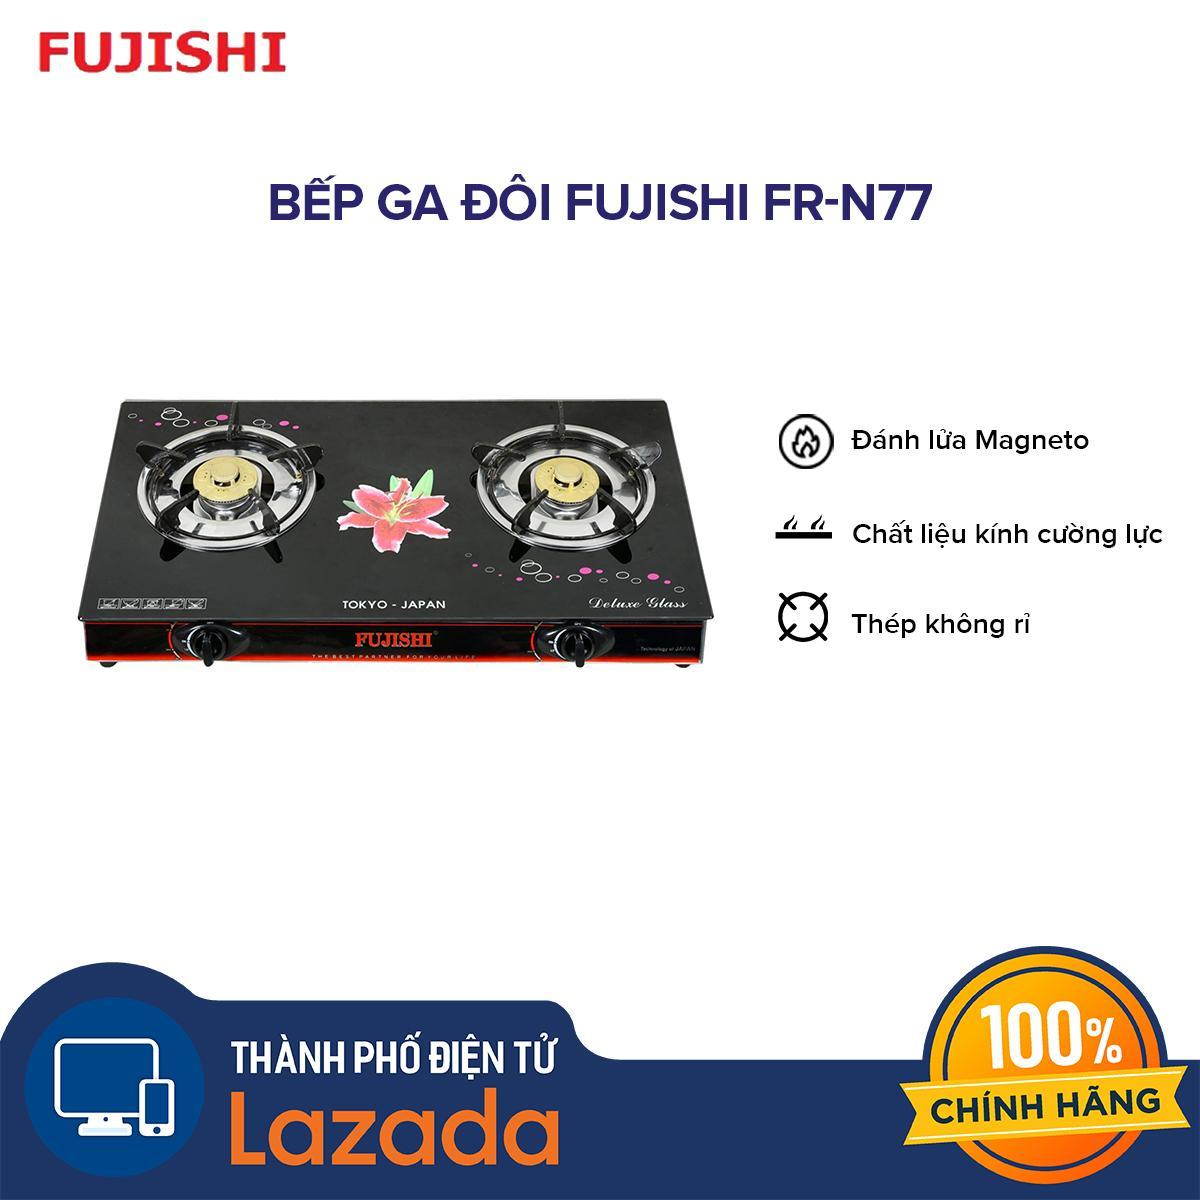 Bếp ga đôi Fujishi FR-N77